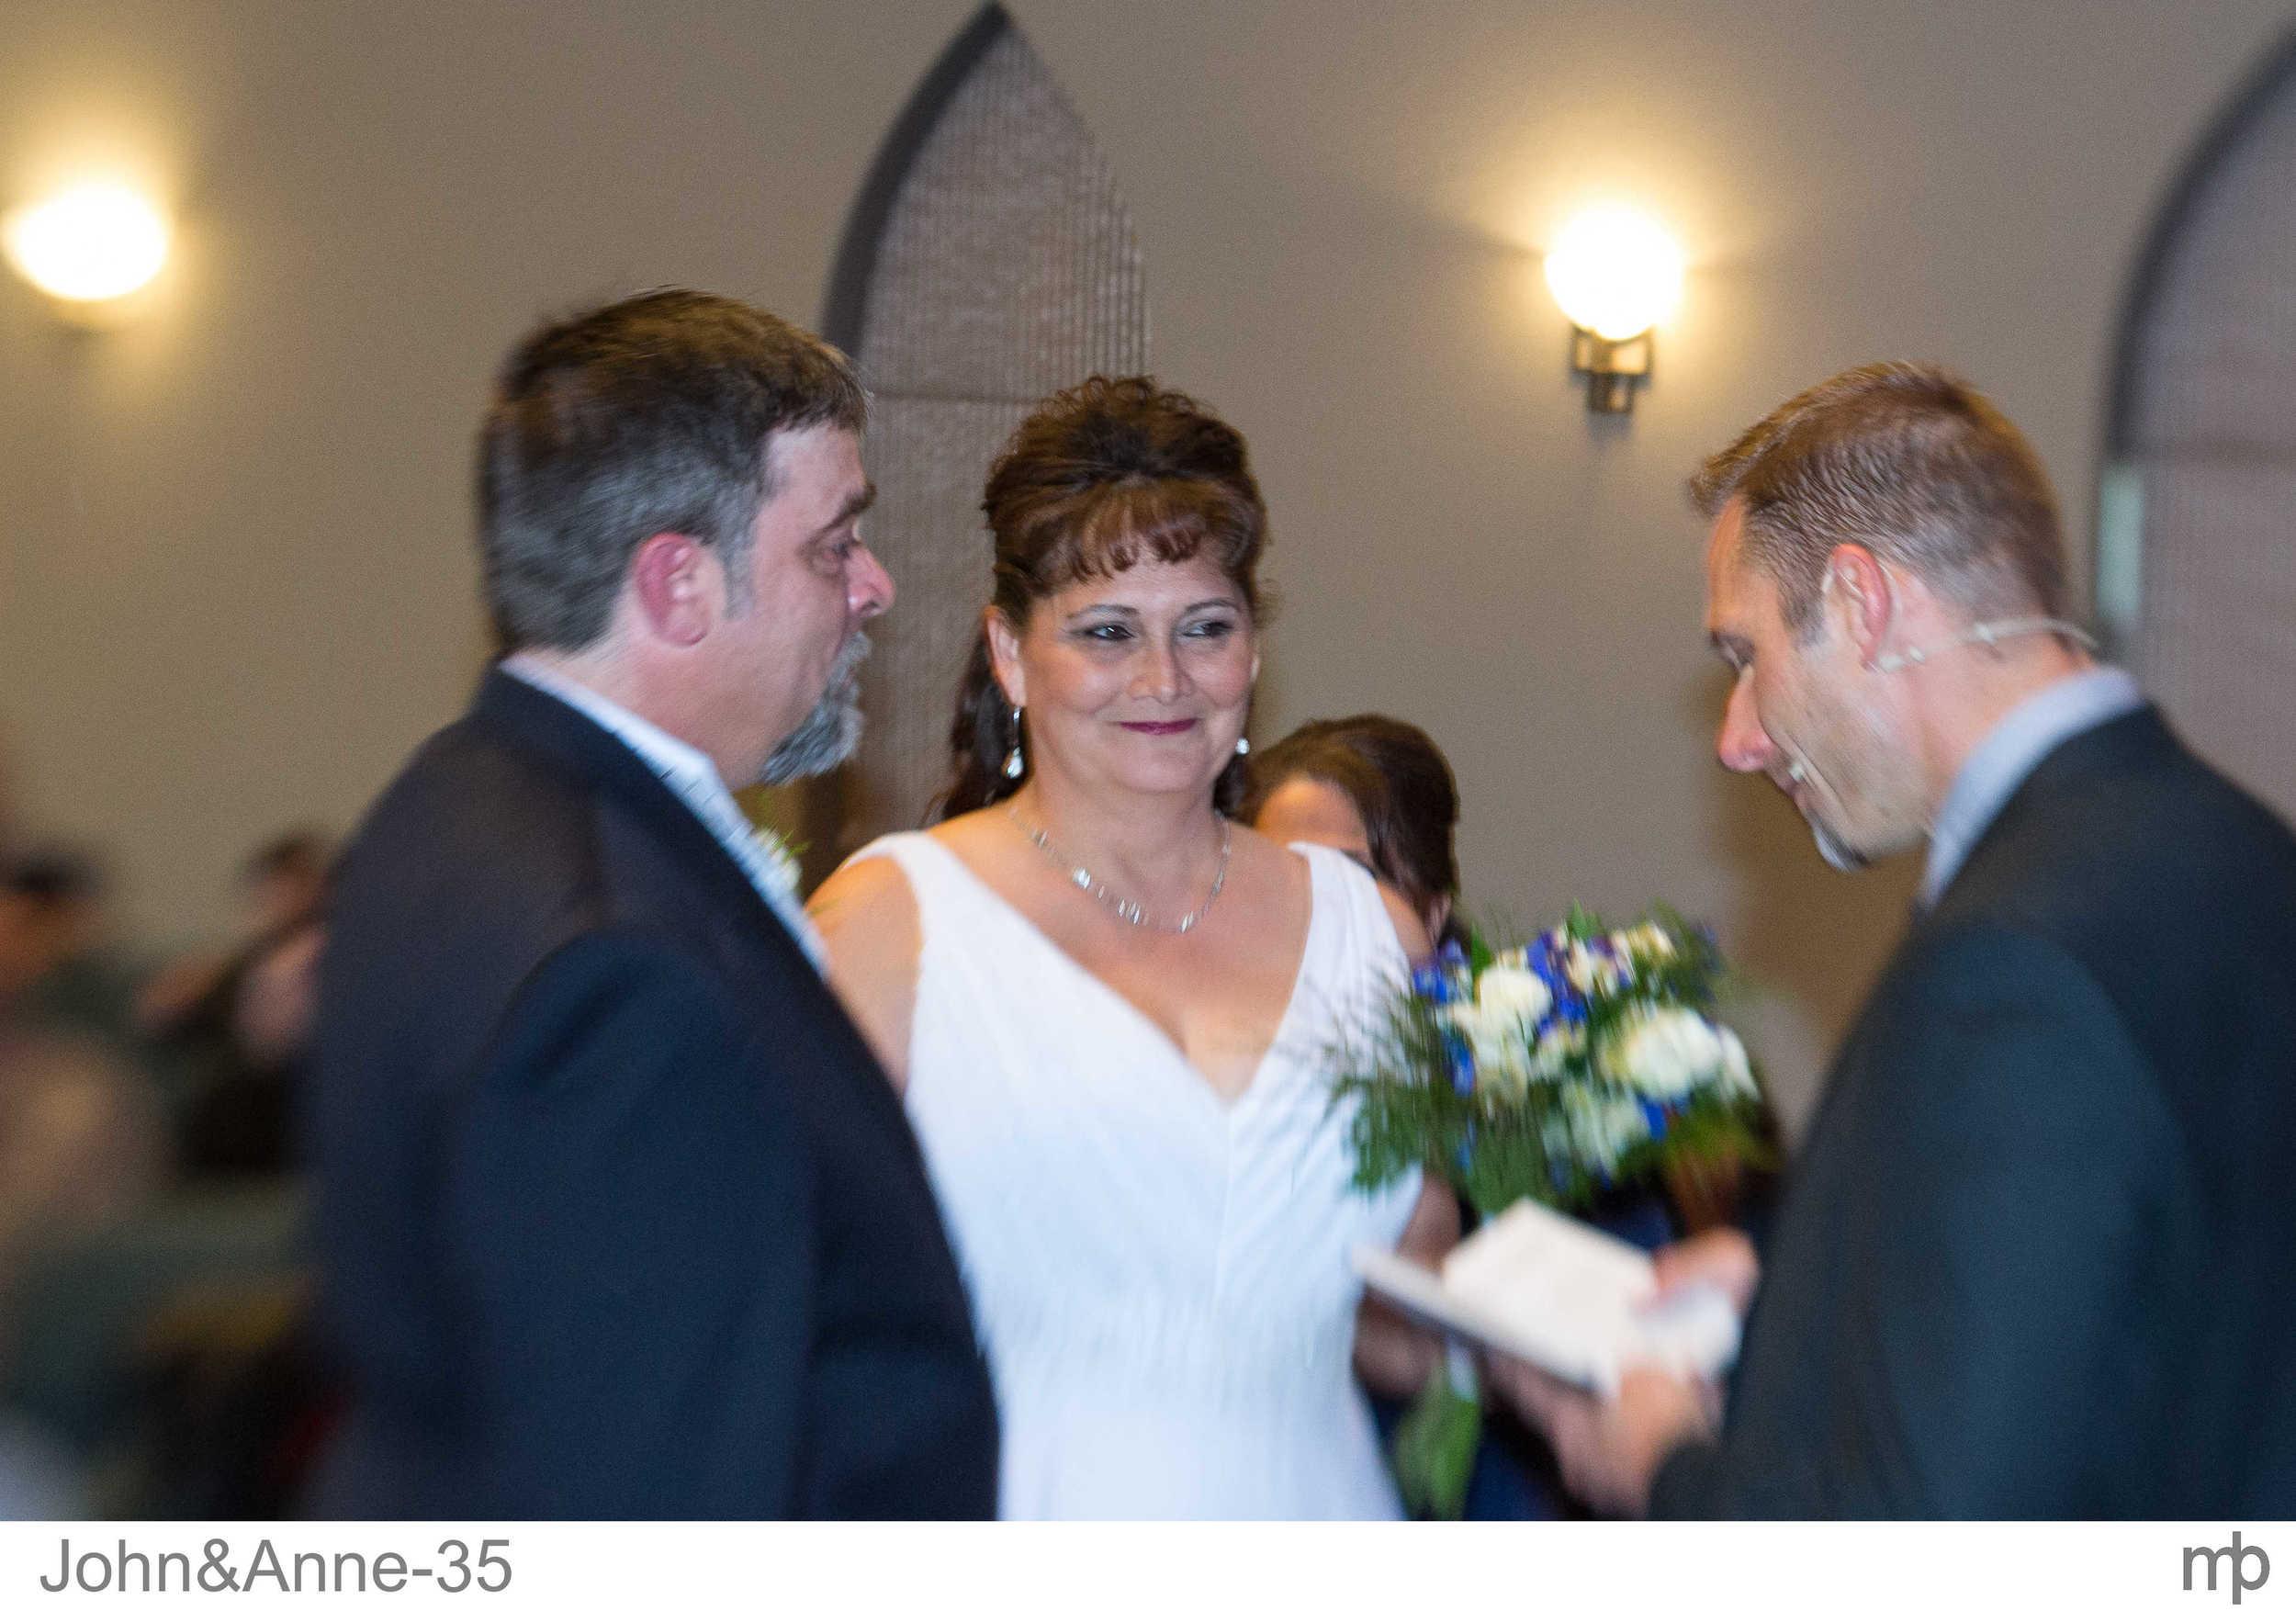 John&Anne-35.jpg